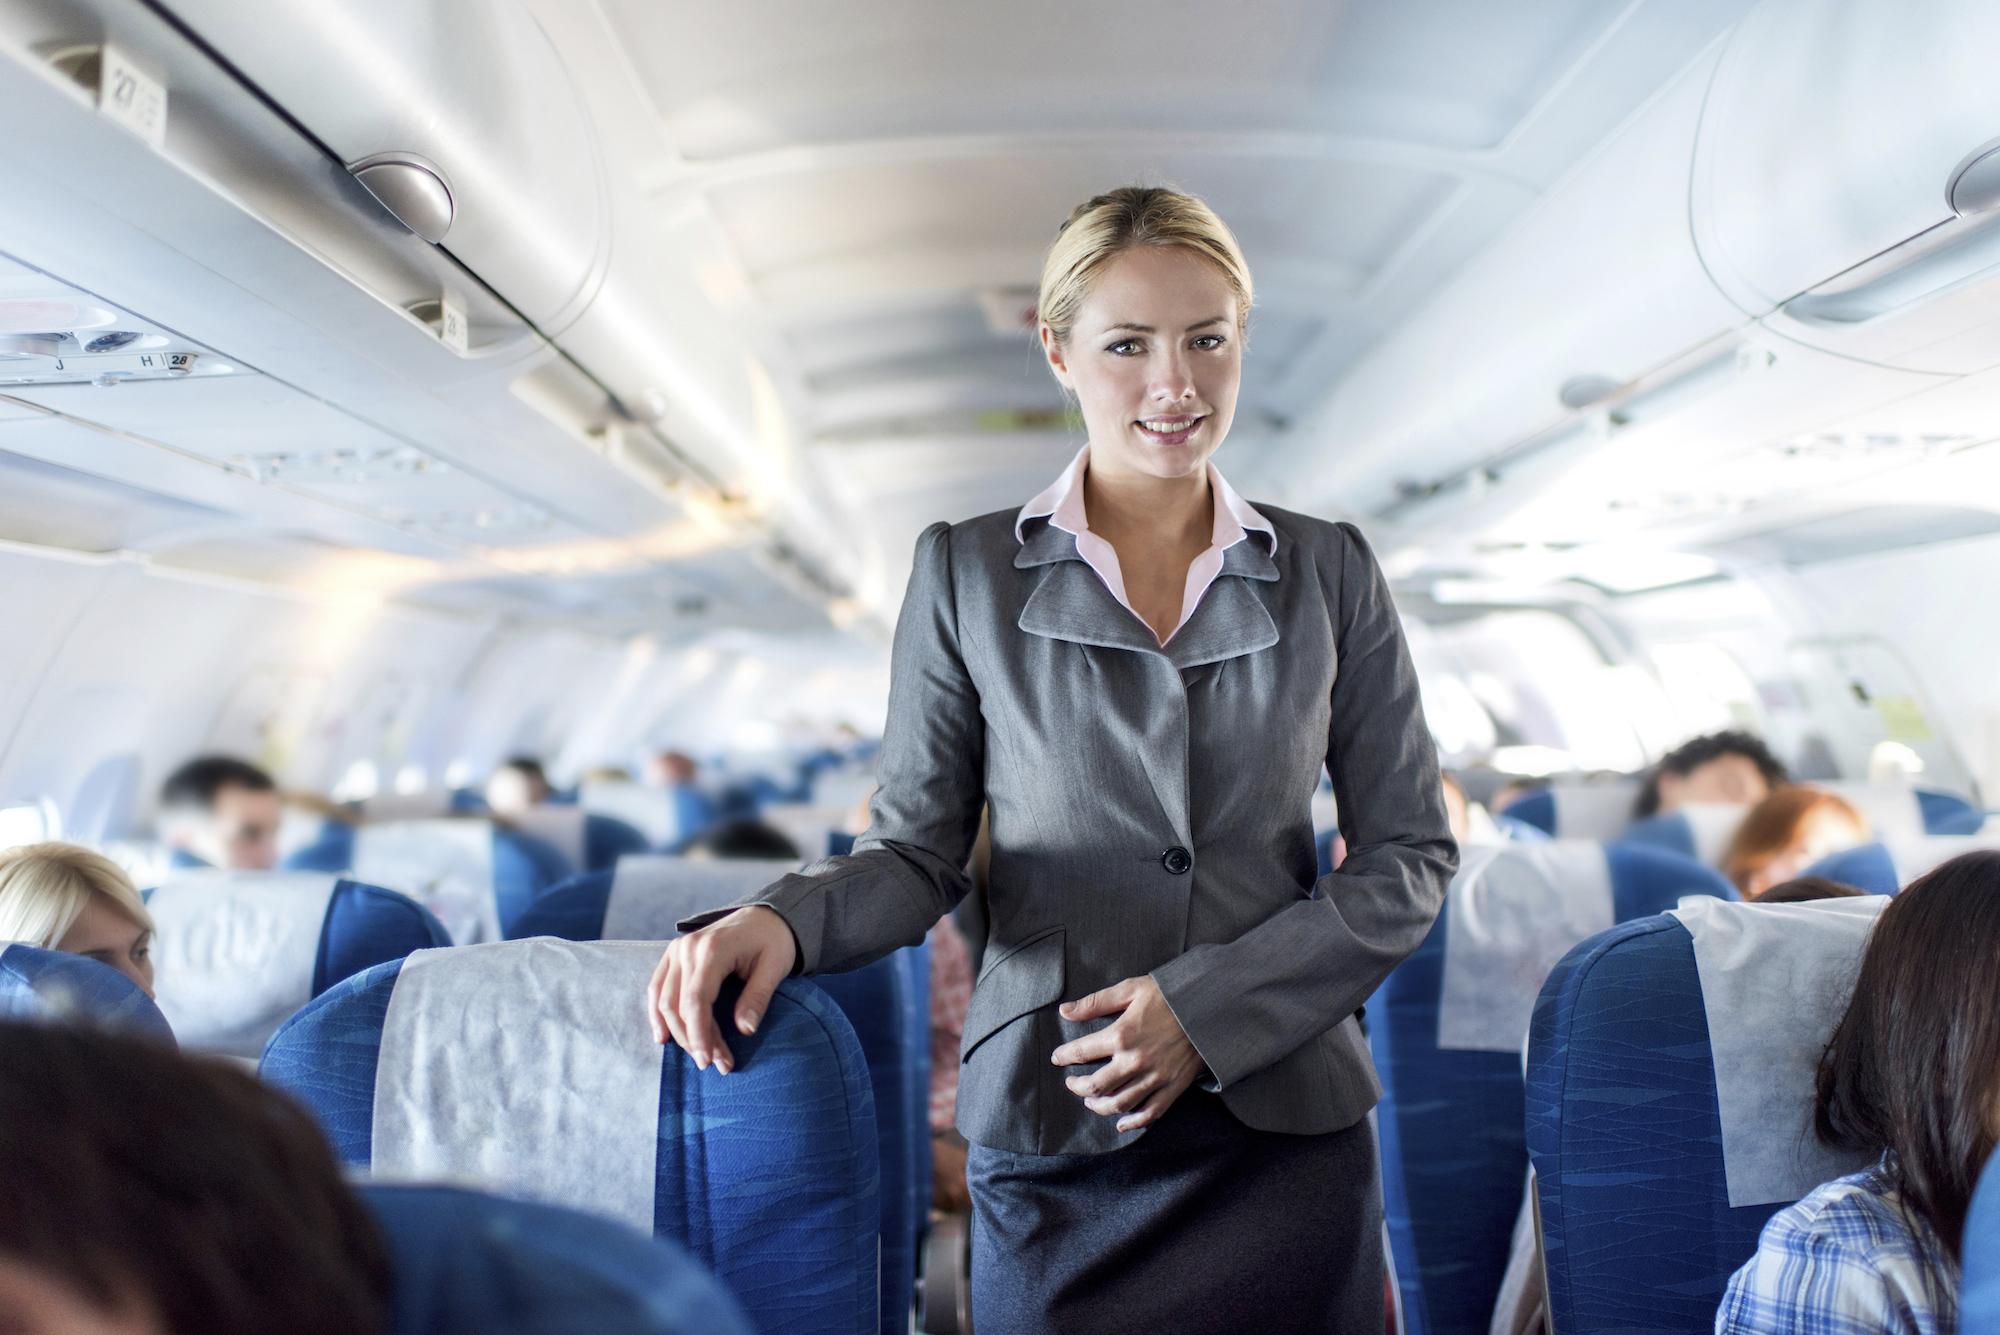 Стюардесса и пассажир, порно стоя и в одежде